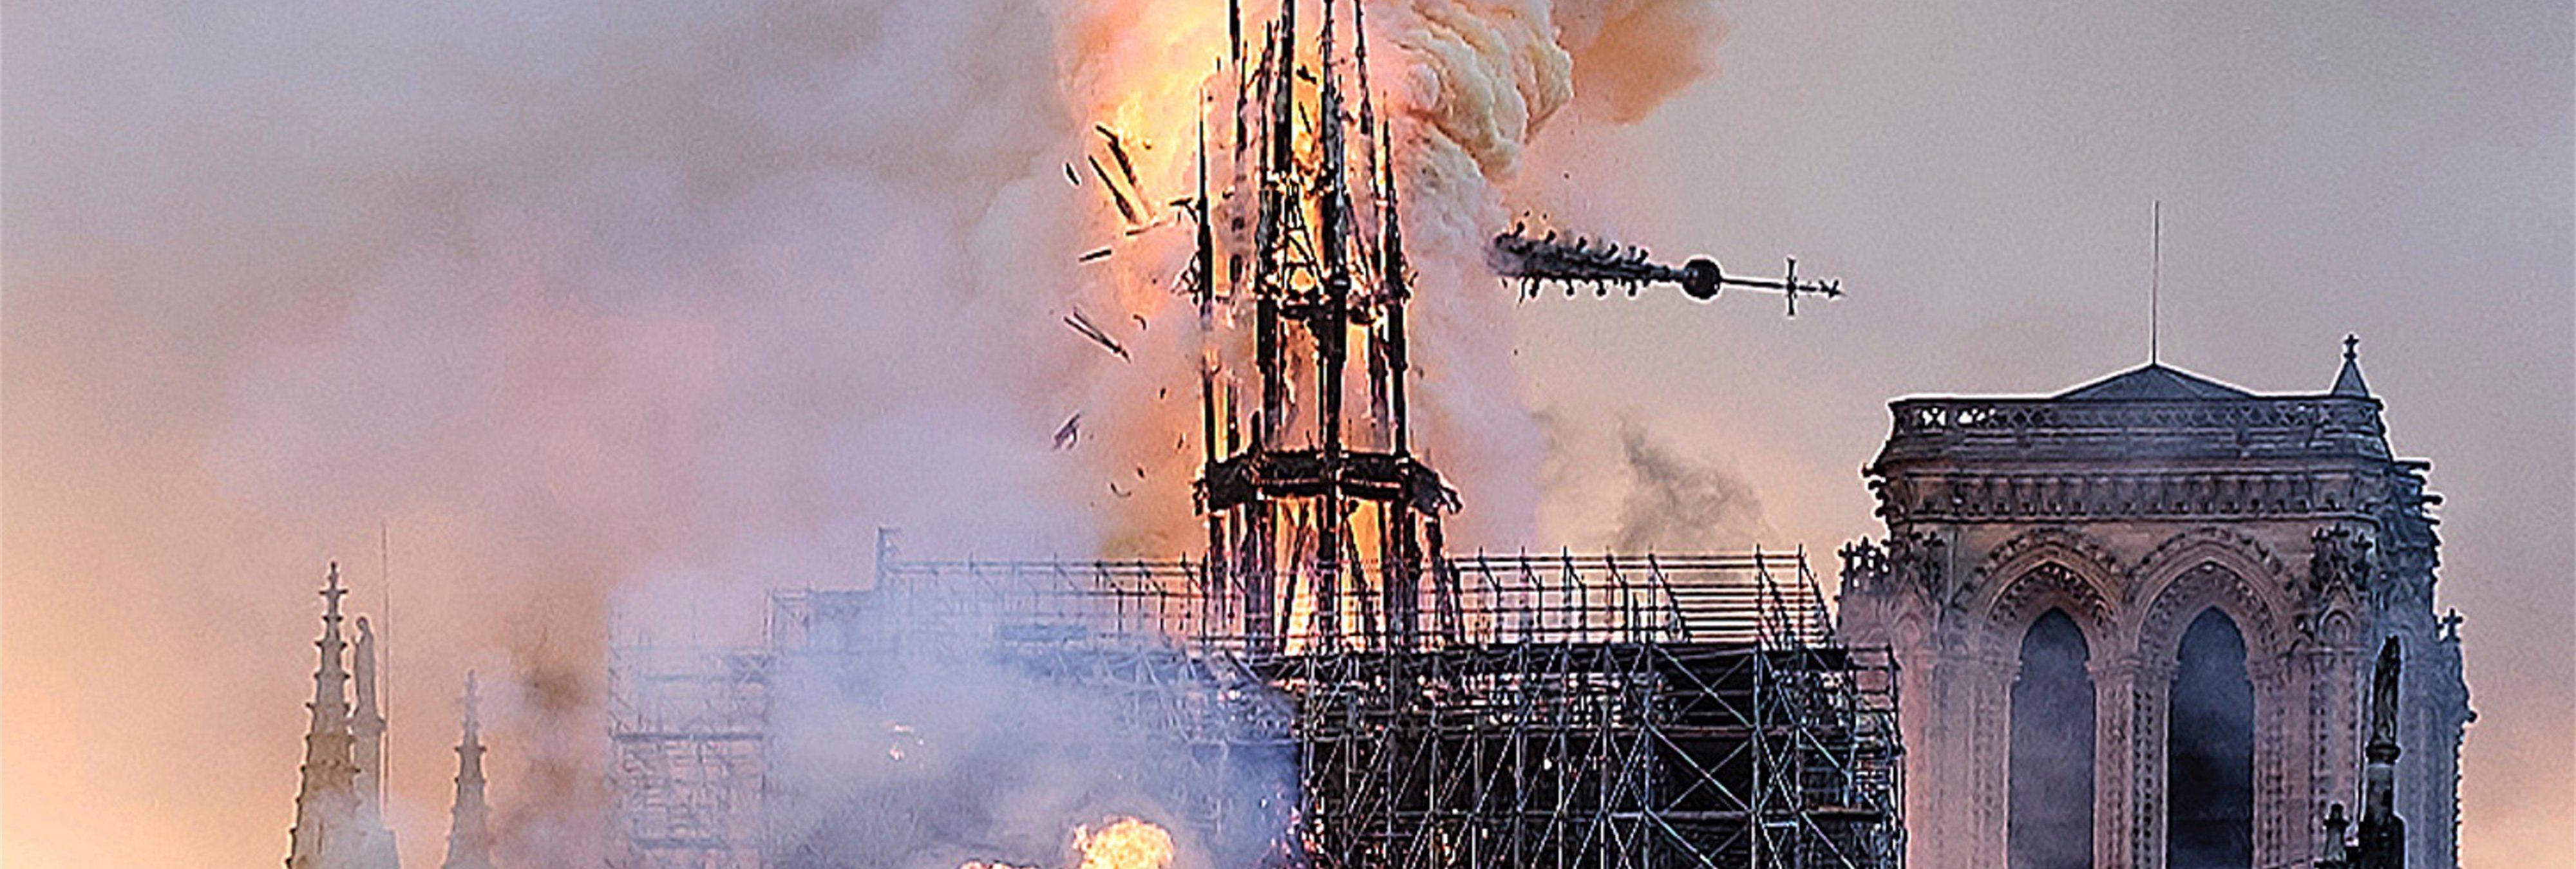 La falsa teoría que afirma que Nostradamus ya predijo el incendio de Notre Dame en sus escritos